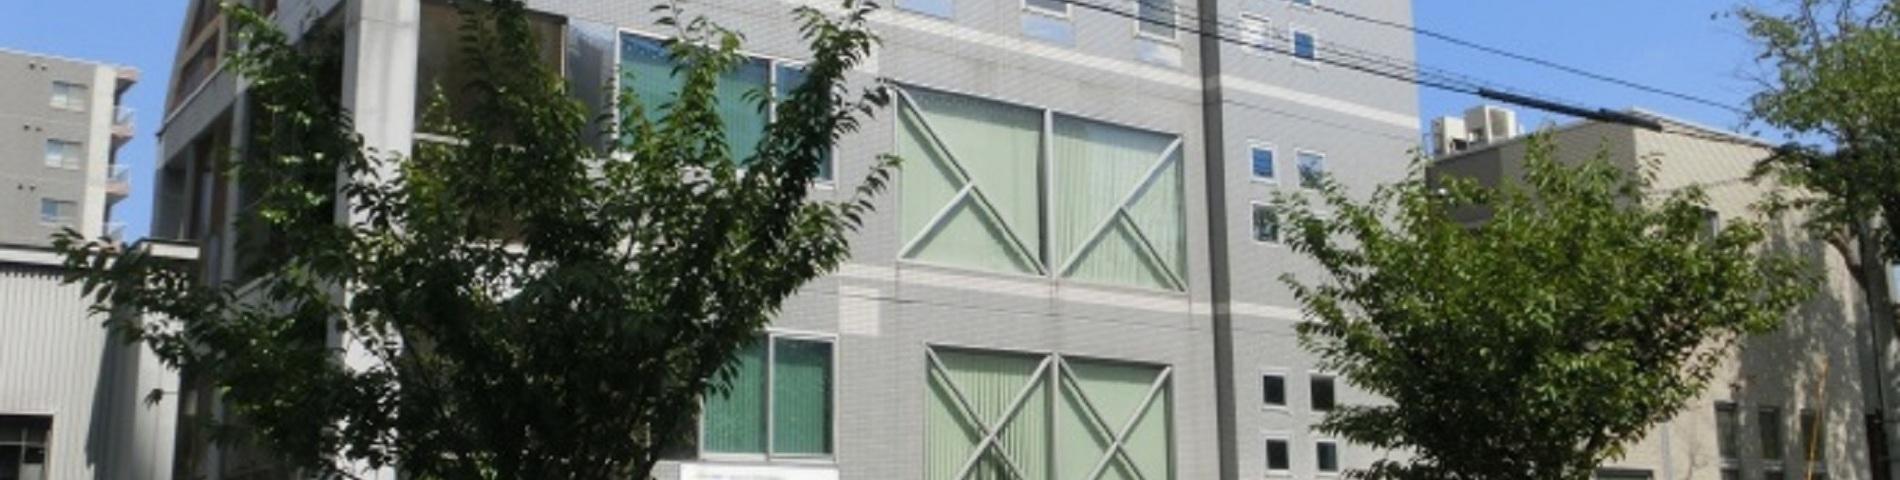 Japanese Language Institute of Sapporo صورة 1